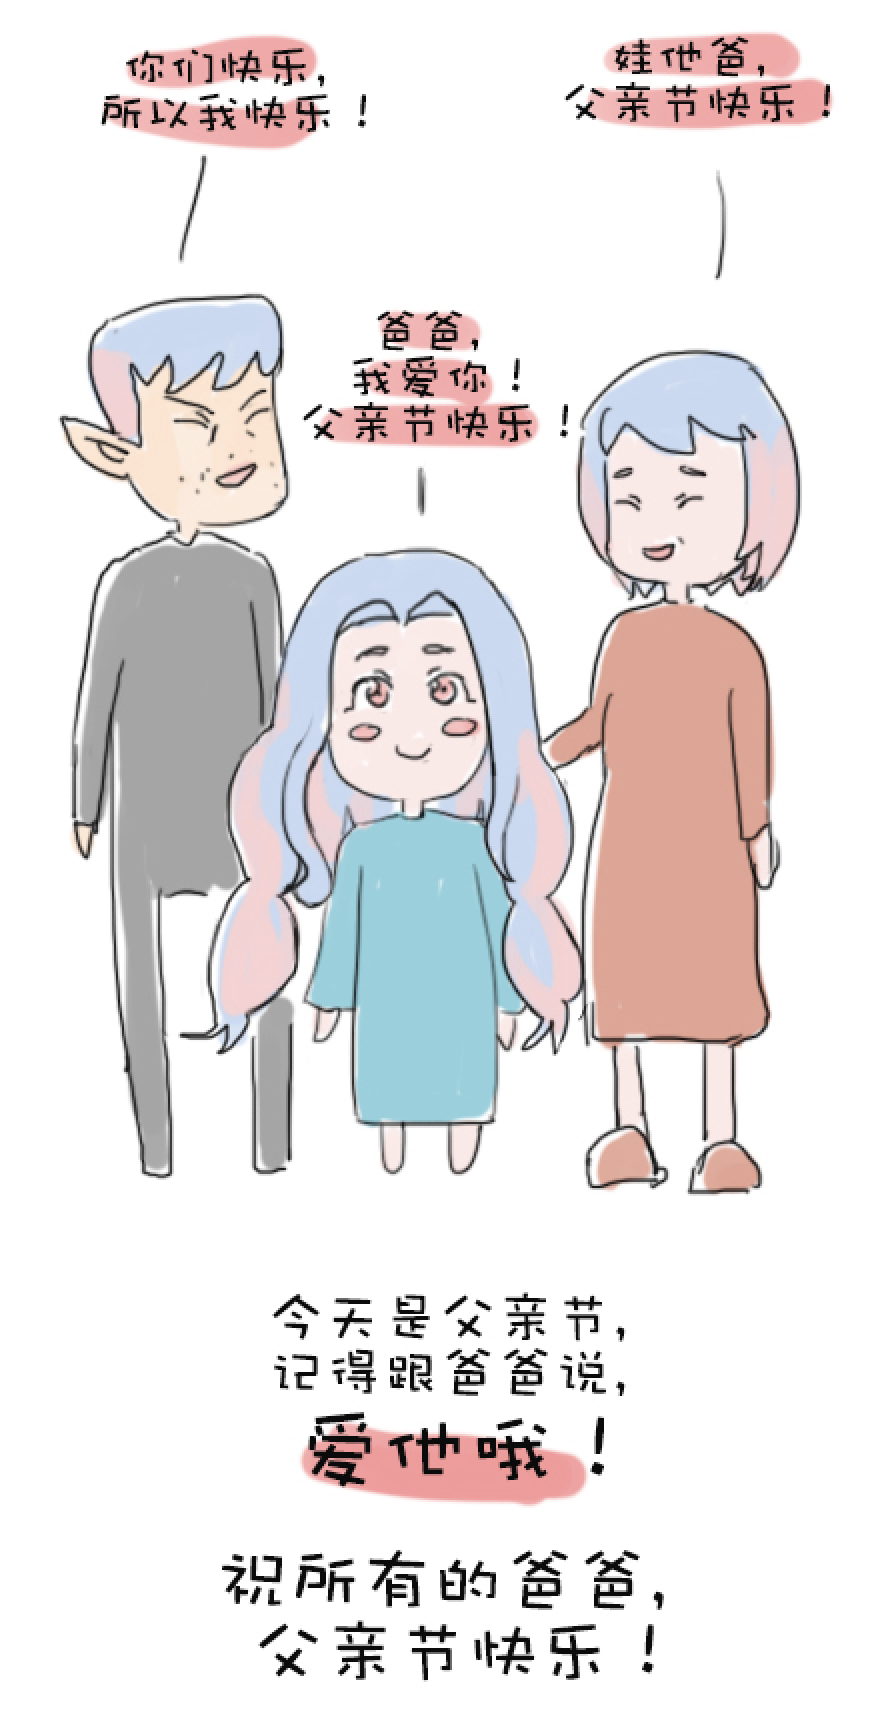 【手绘漫画】天元宇宙最帅的爸爸,父亲节快乐!